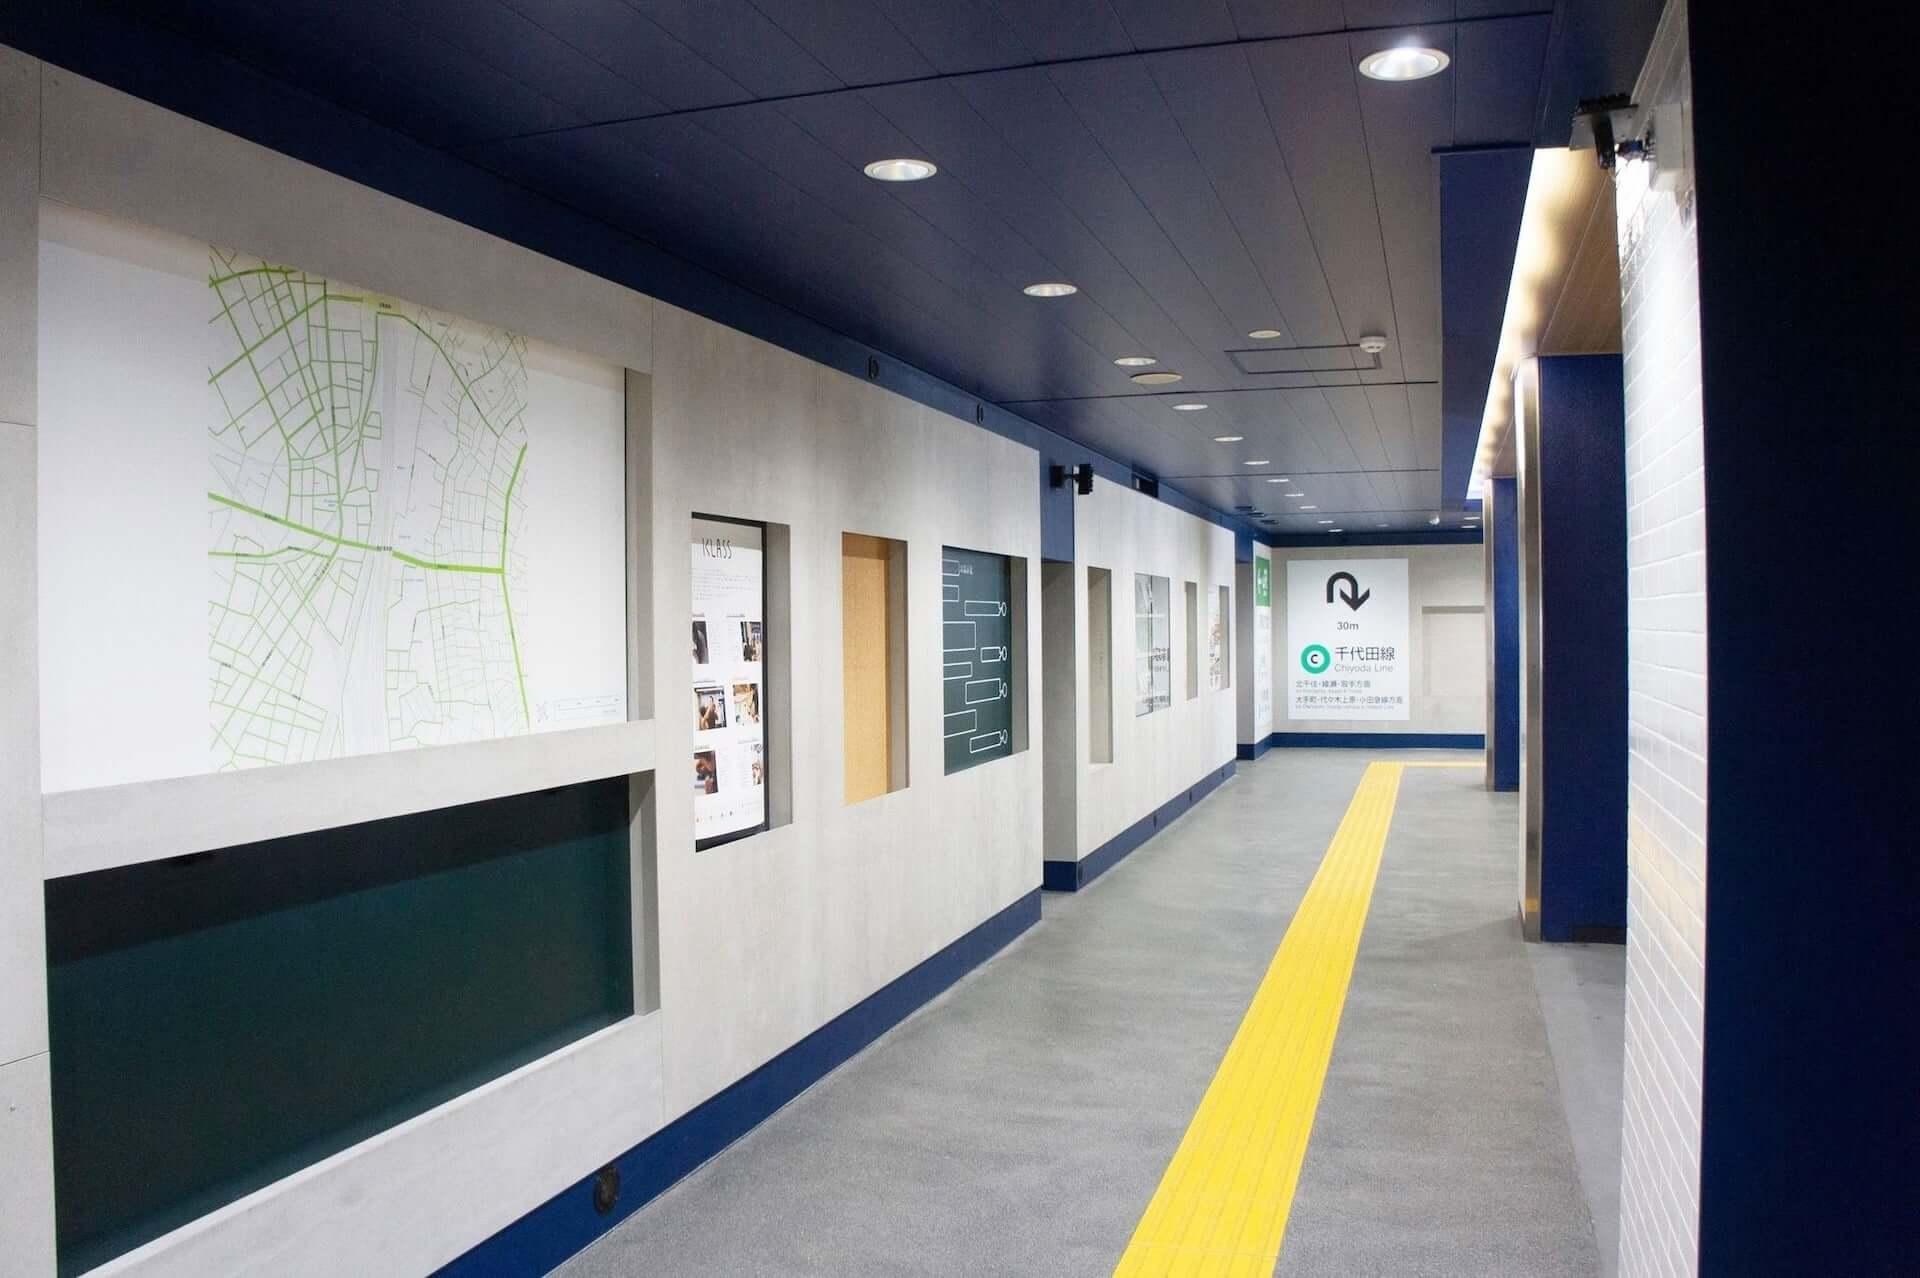 及川潤耶のサウンドアート『呼吸する駅』が実装された東京感動線のプロジェクト「西日暮里エキマド」がグッドデザイン賞を受賞! art201006_oikawajunya-gmark_2-1920x1278